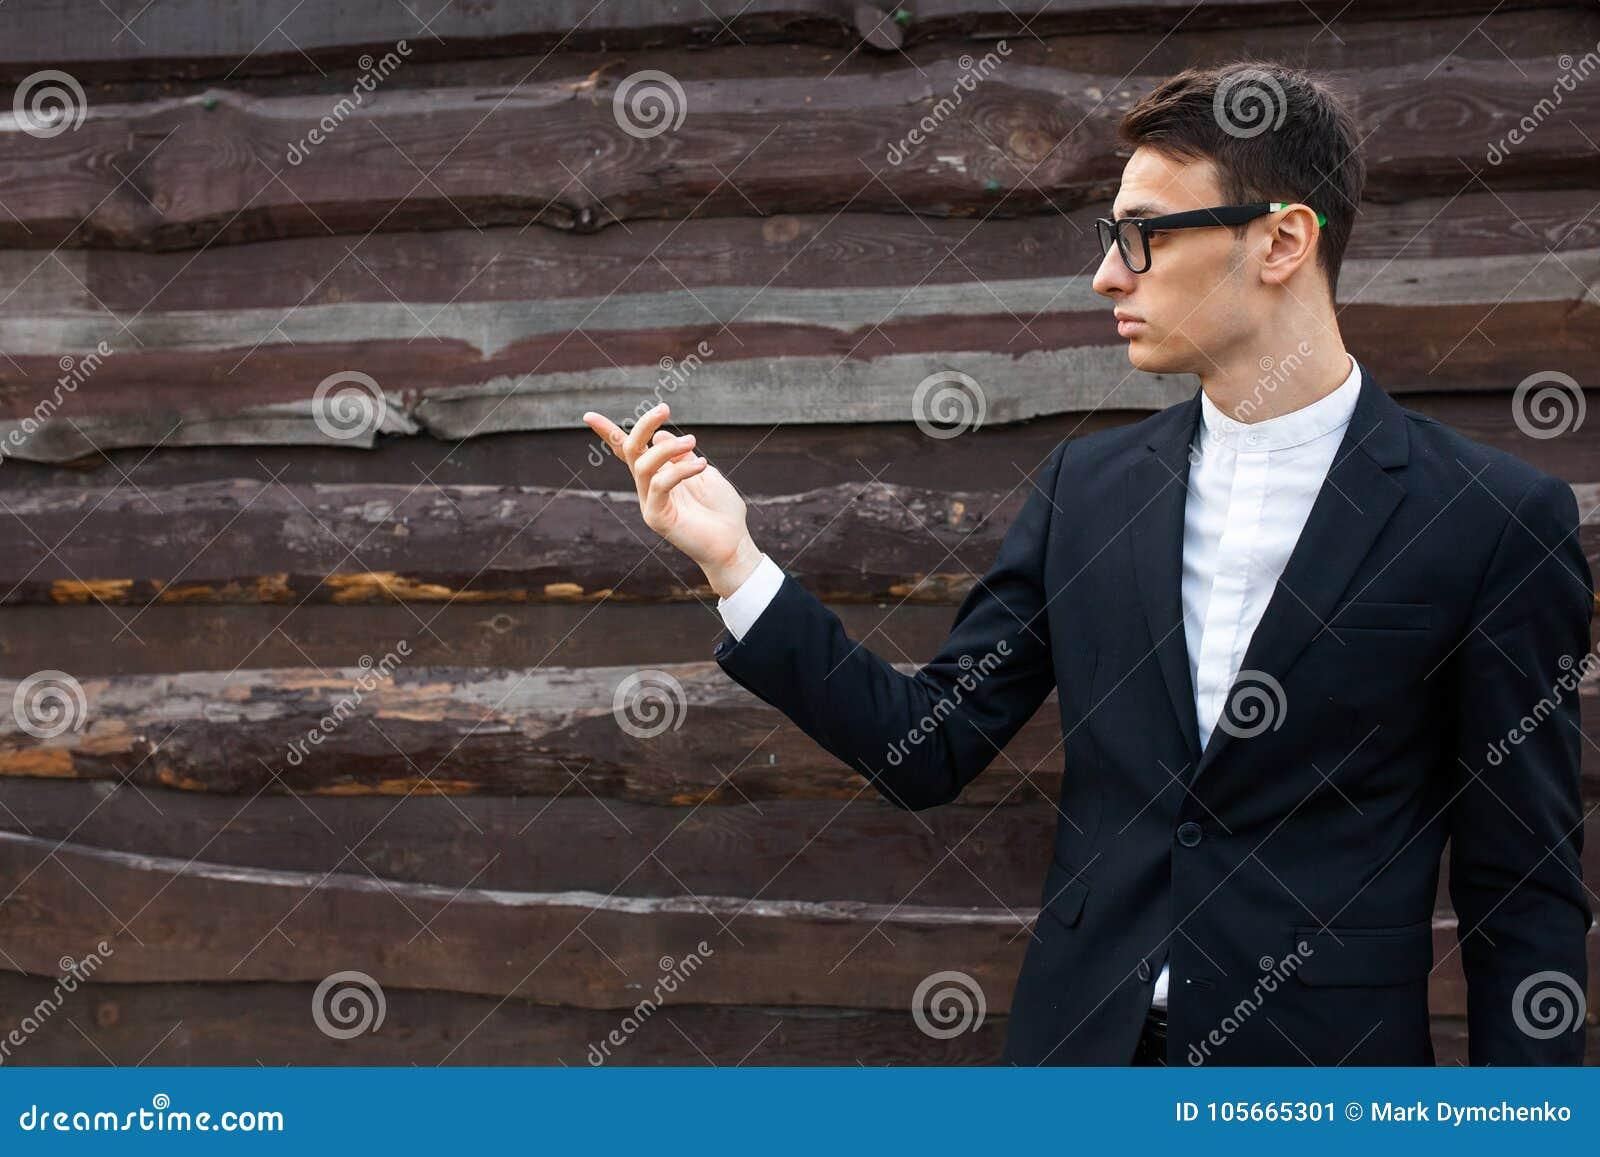 El individuo, varón, hombre, sugiere esa palma extendida Muestra que las manos